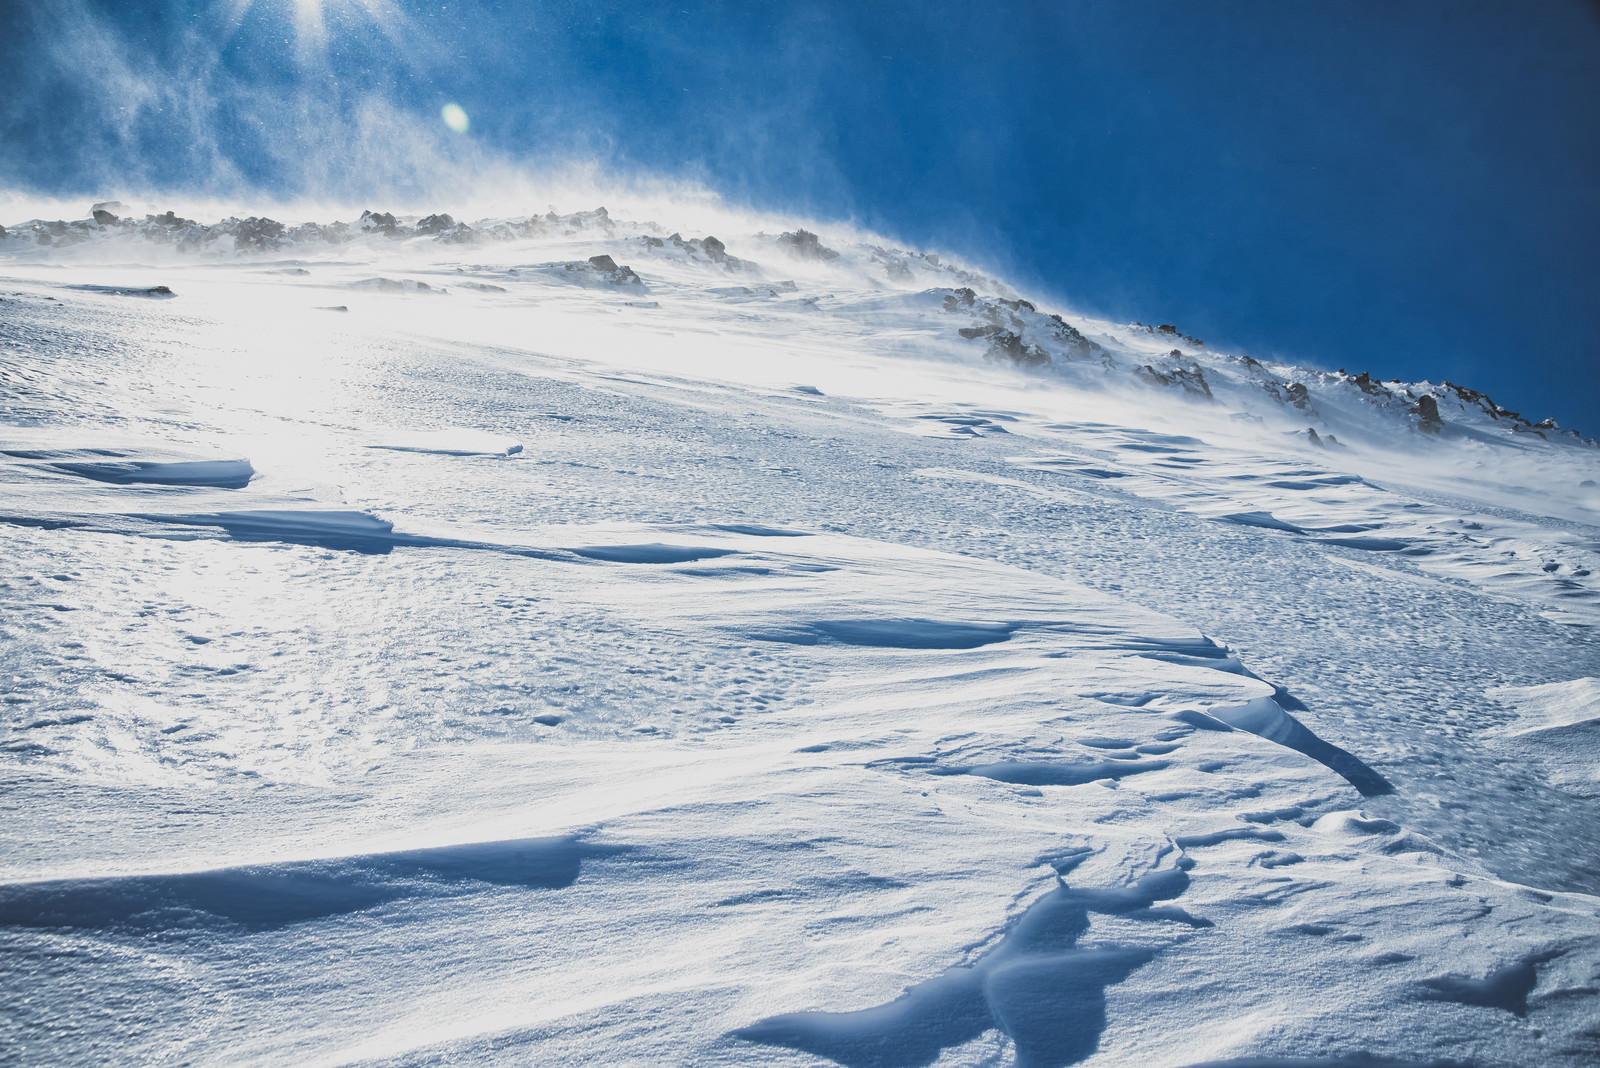 「強風に晒される雪山の斜面」の写真